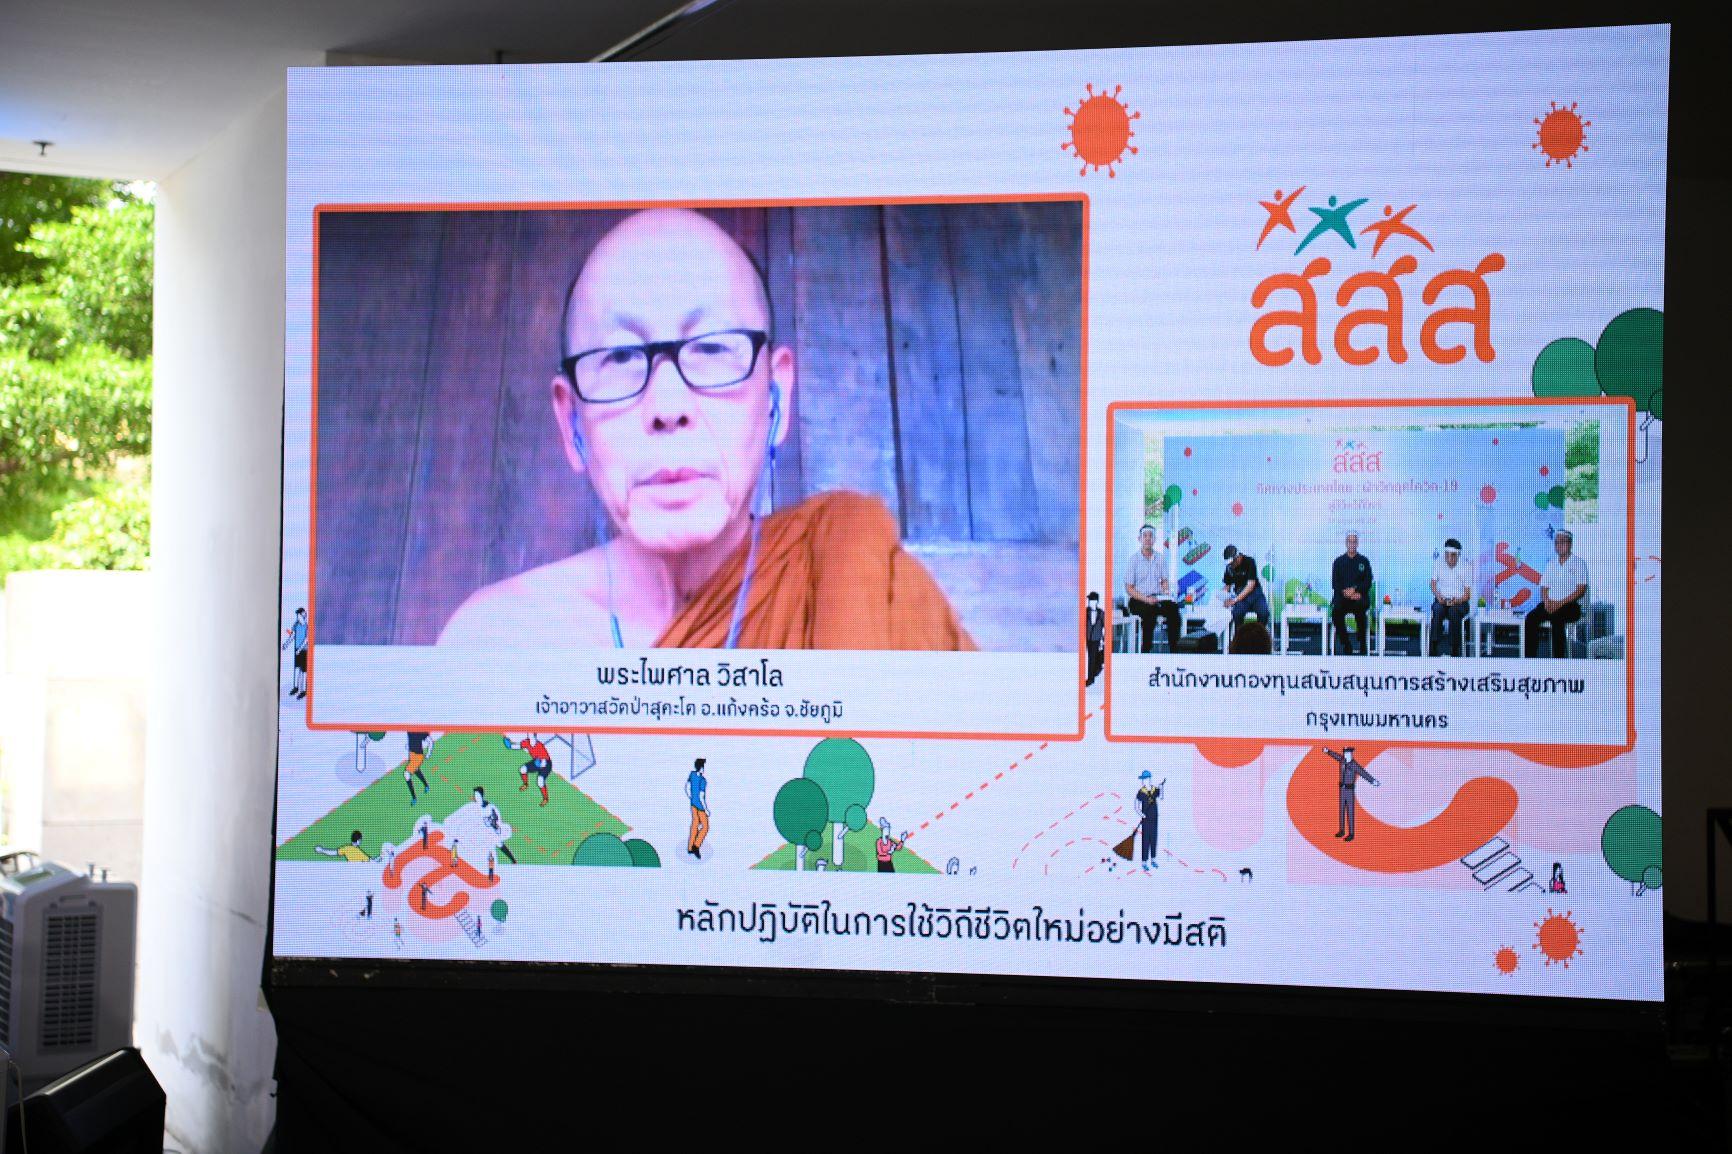 ทิศทางประเทศไทย : ฝ่าวิกฤตโควิด-19 สู่ชีวิตวิถีใหม่ thaihealth